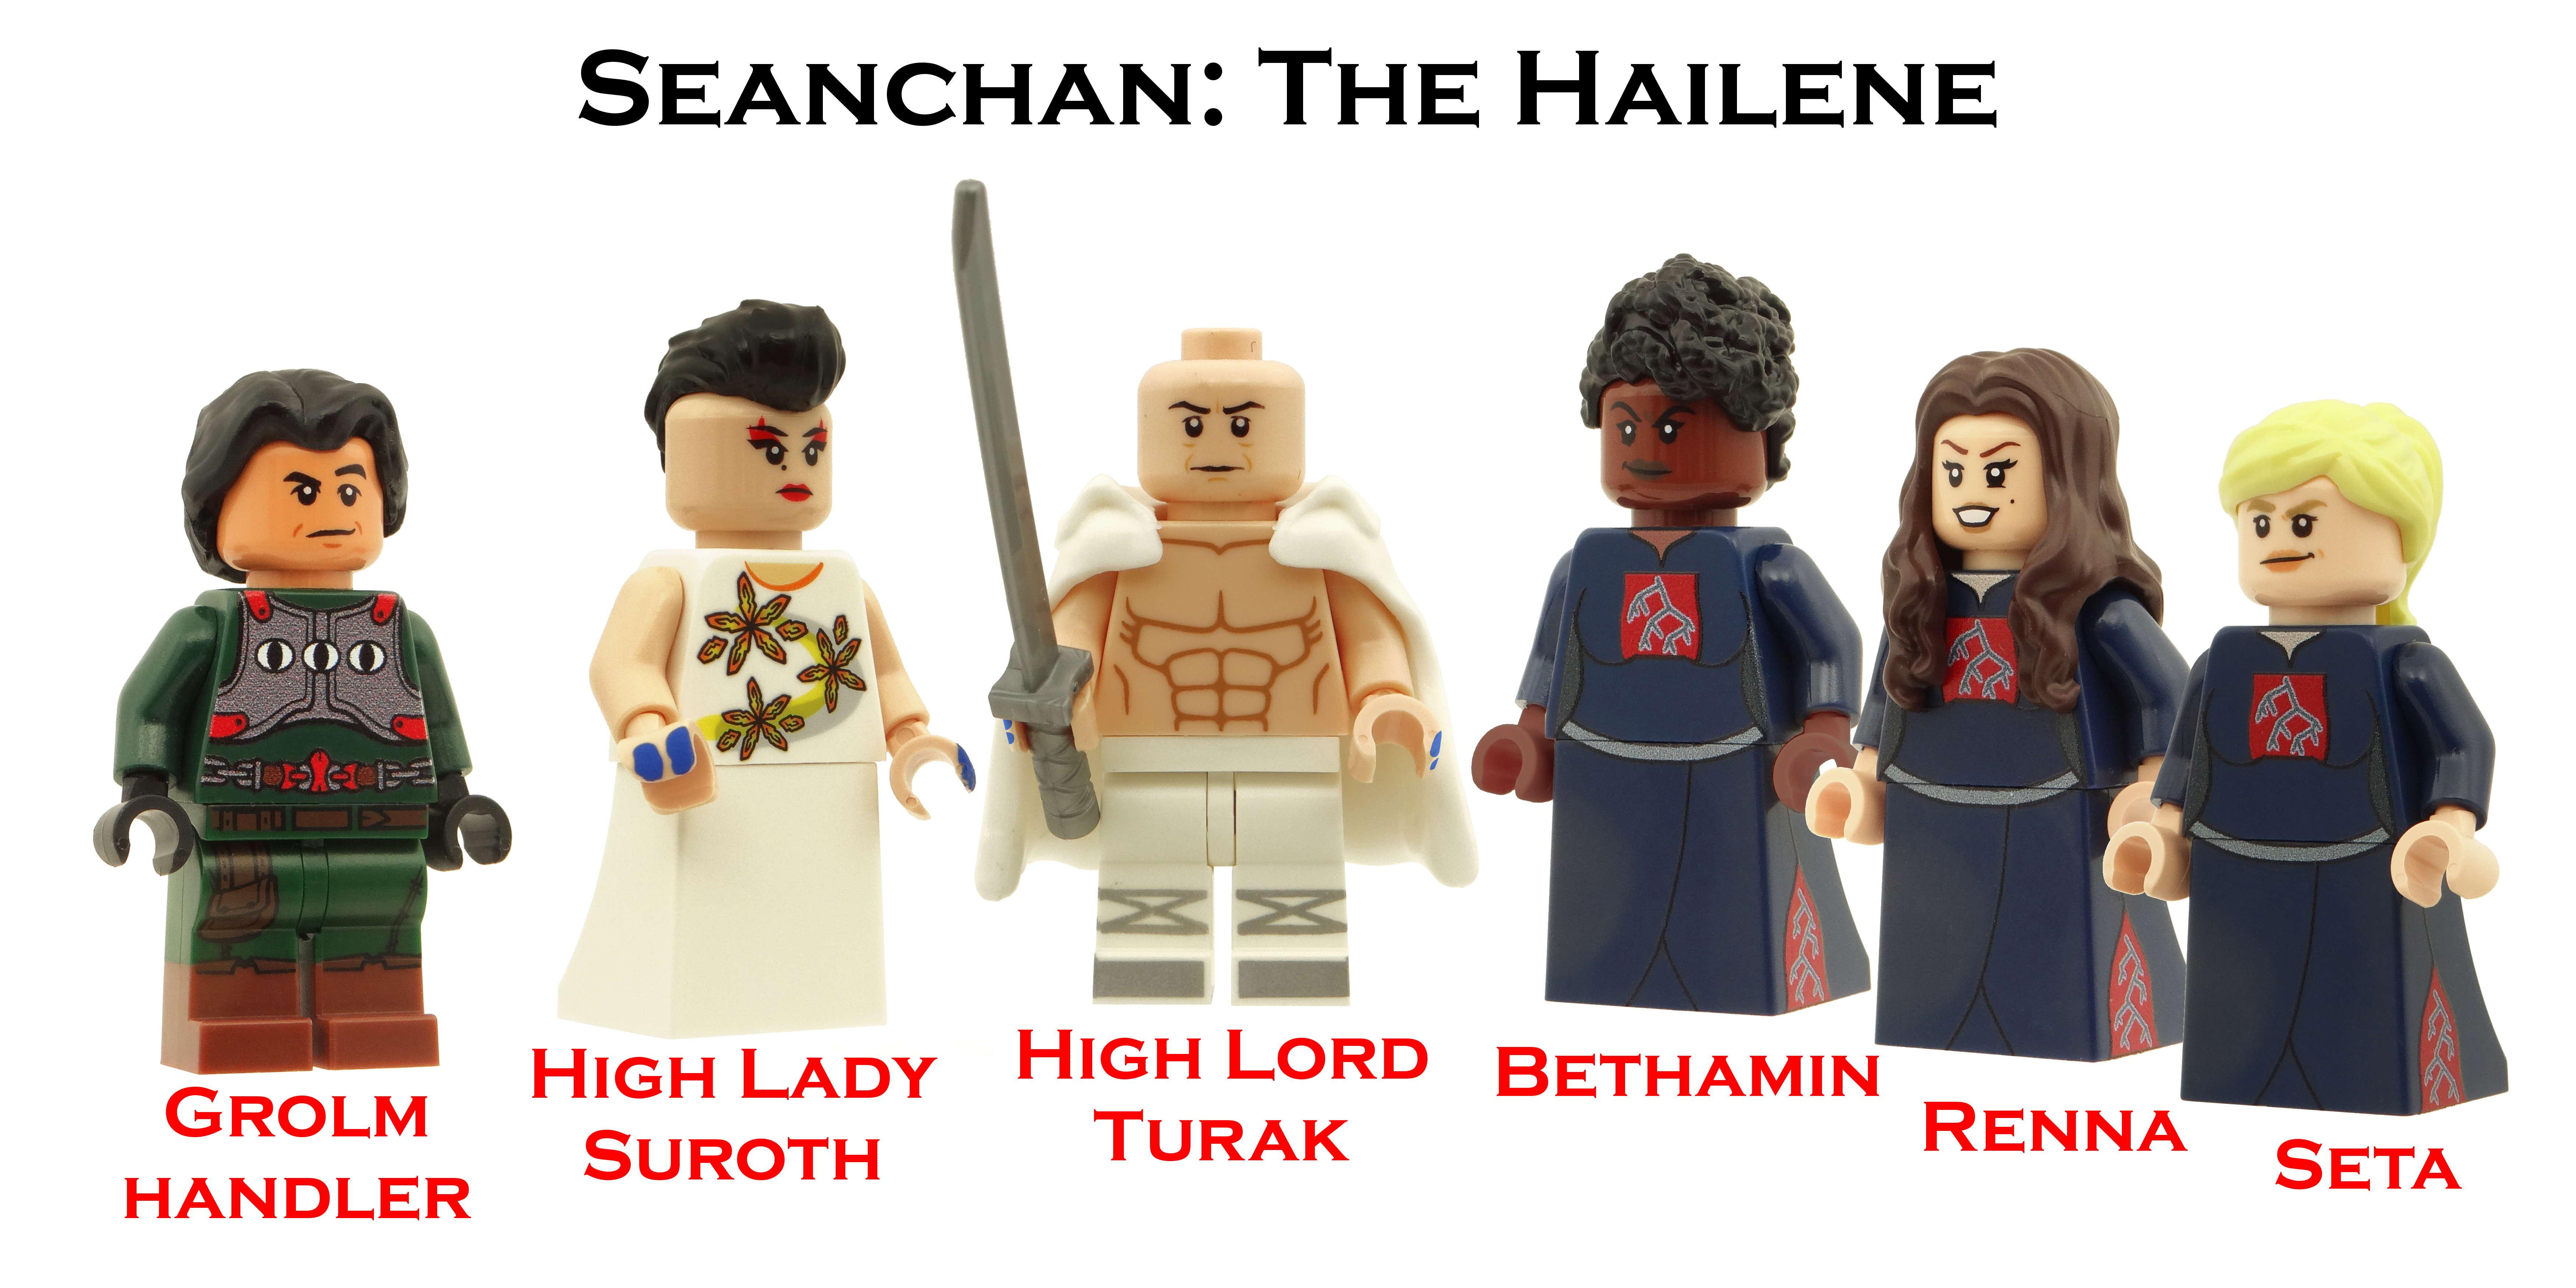 seanchan-hailene